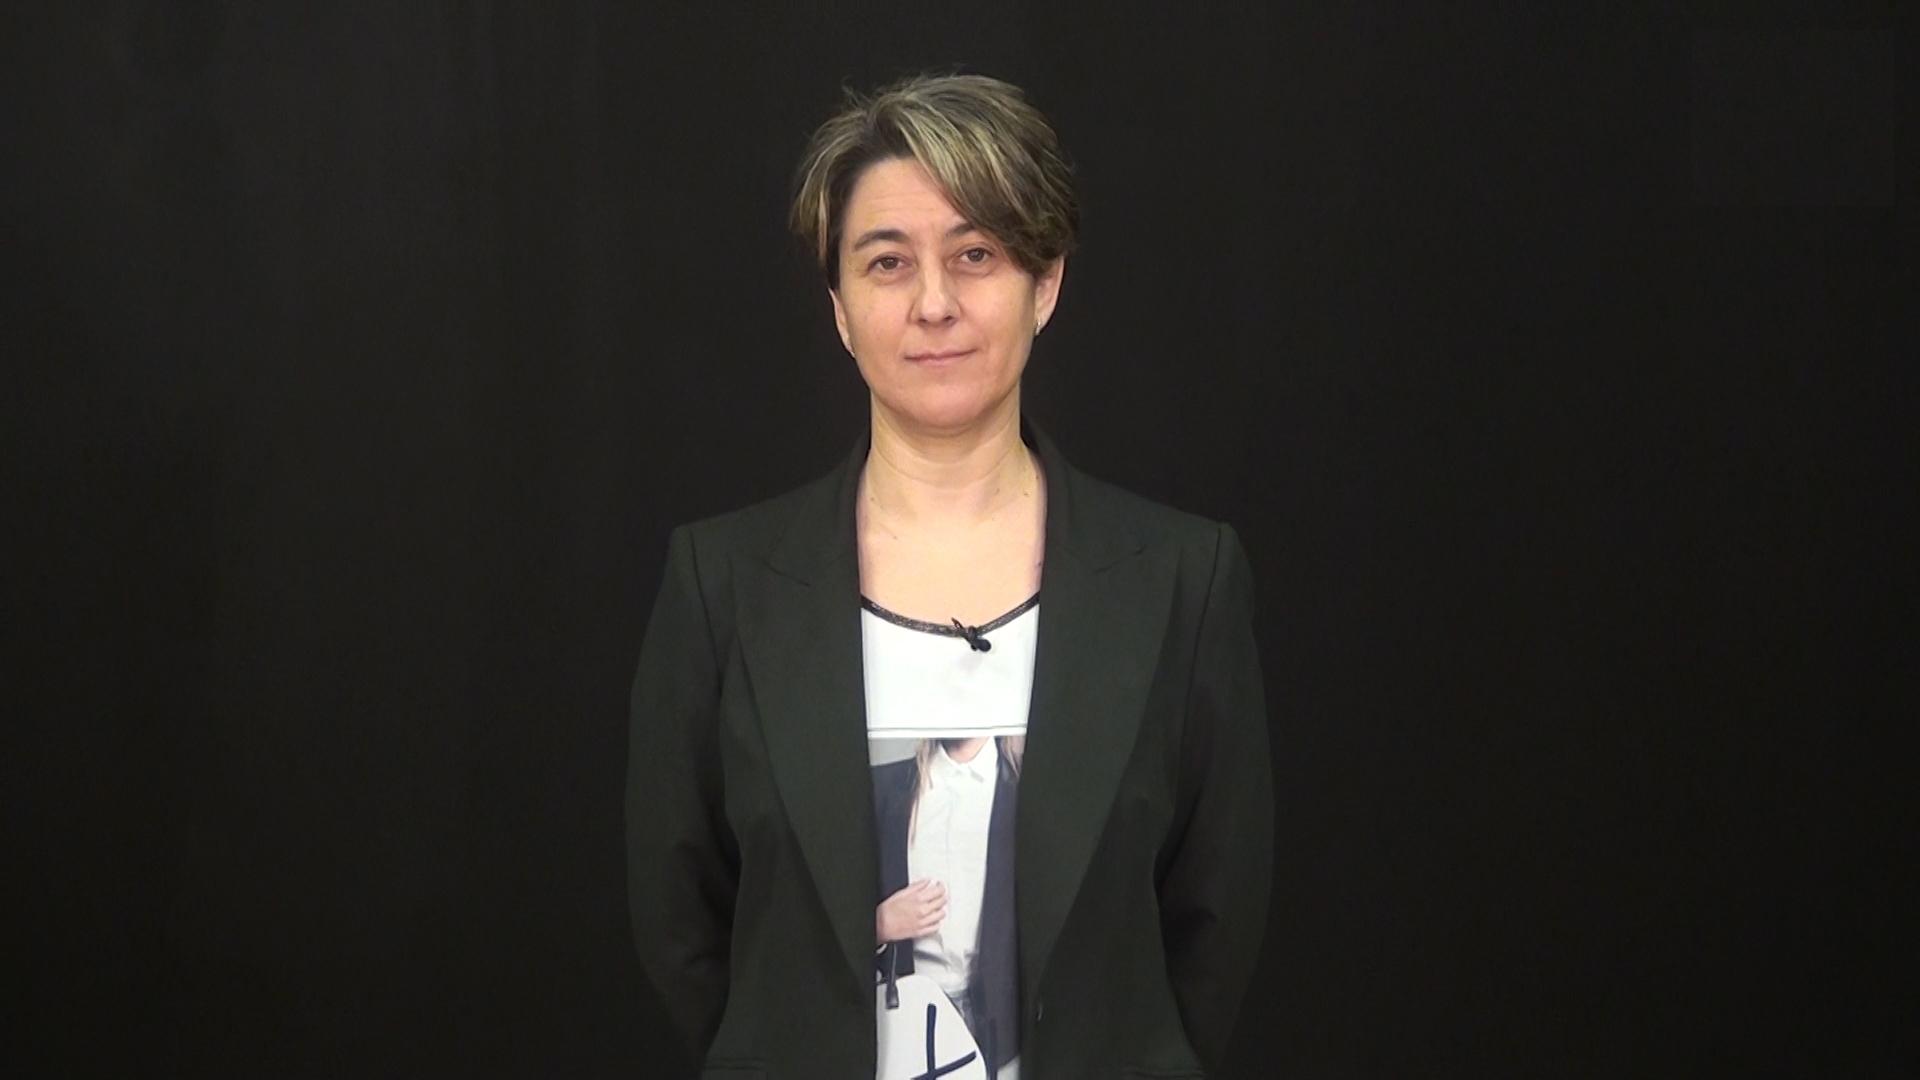 Mari Carmen Acosta Boj